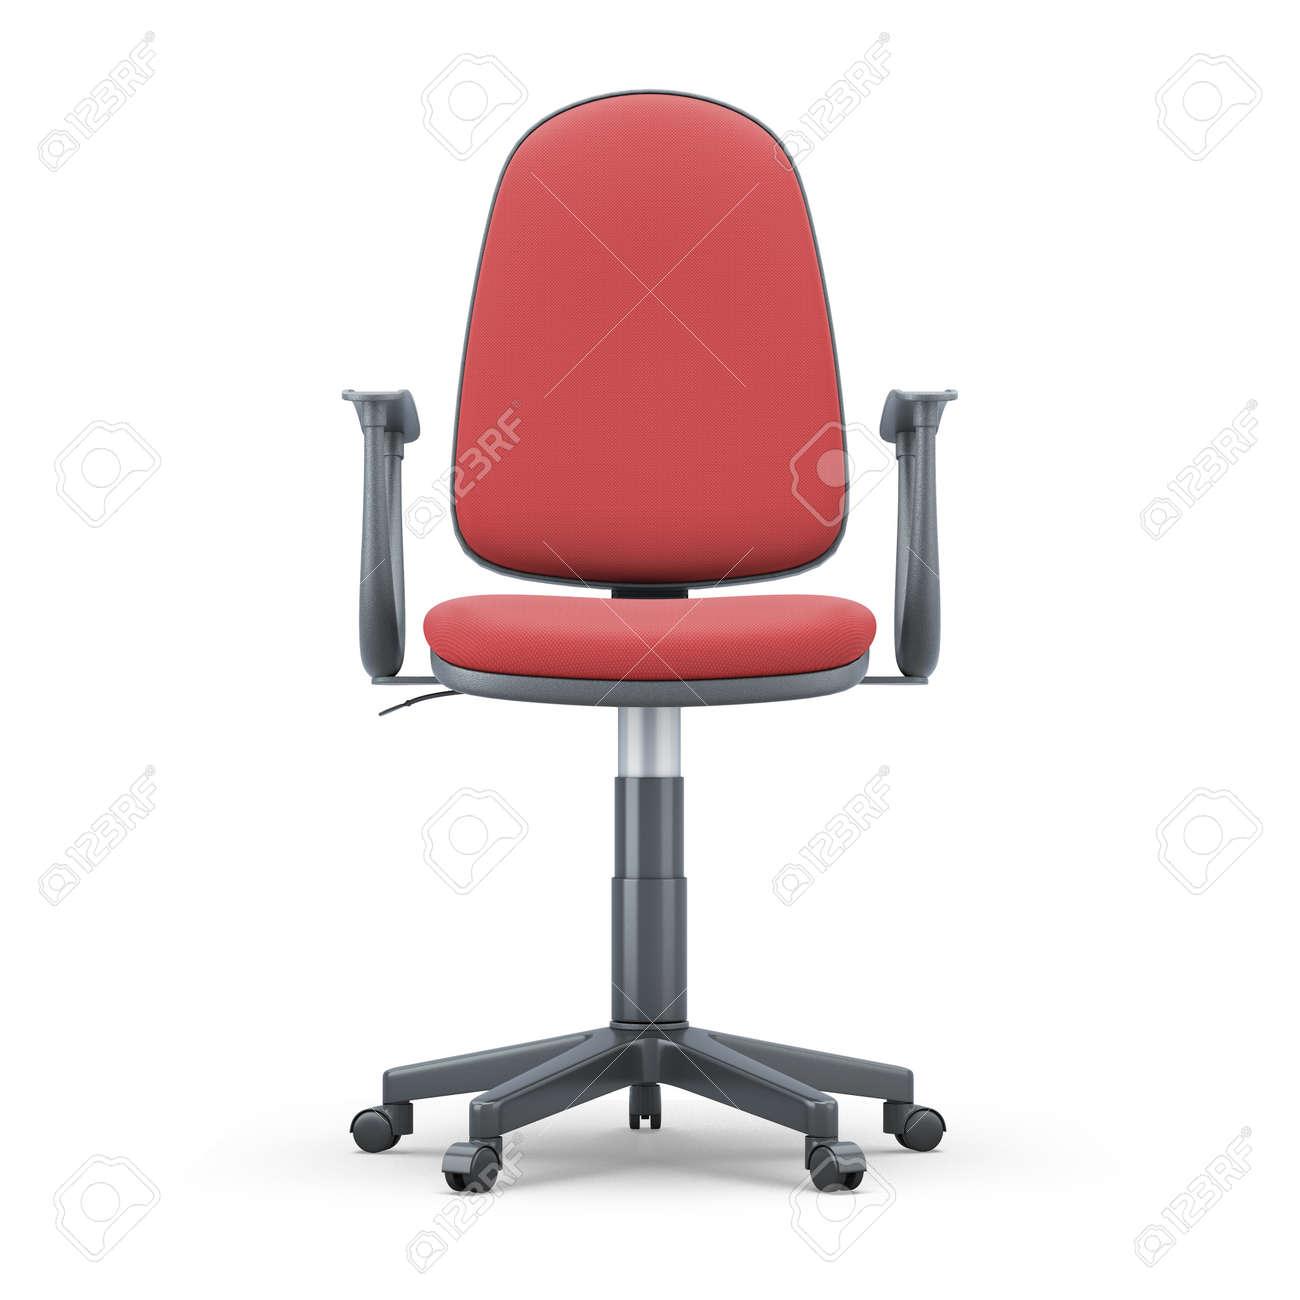 De 3d Con Un Silla Sobre Oficina Roja BlancoIlustración Fondo Tapicería 0O8wvmNn